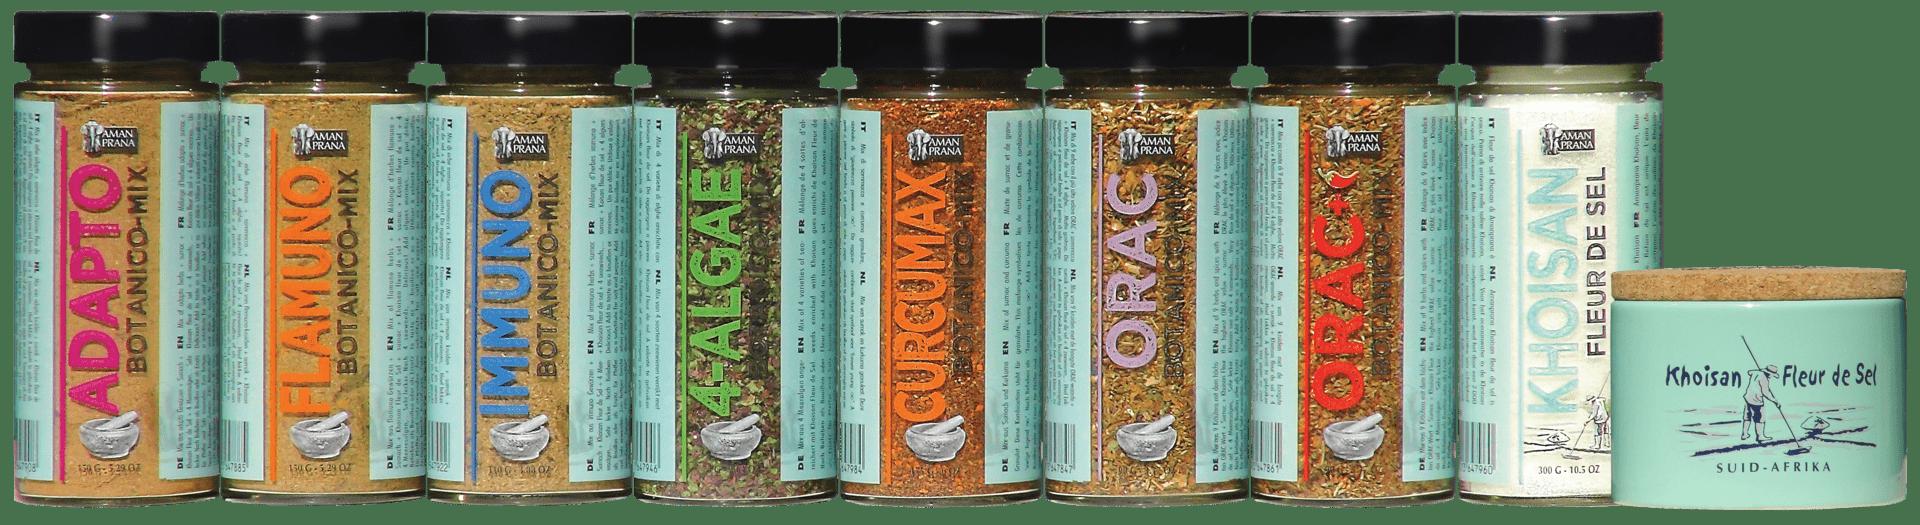 De glazen verpakkingen van de 7 Botanico kruidenmixen van Amanprana voeding als medicijn